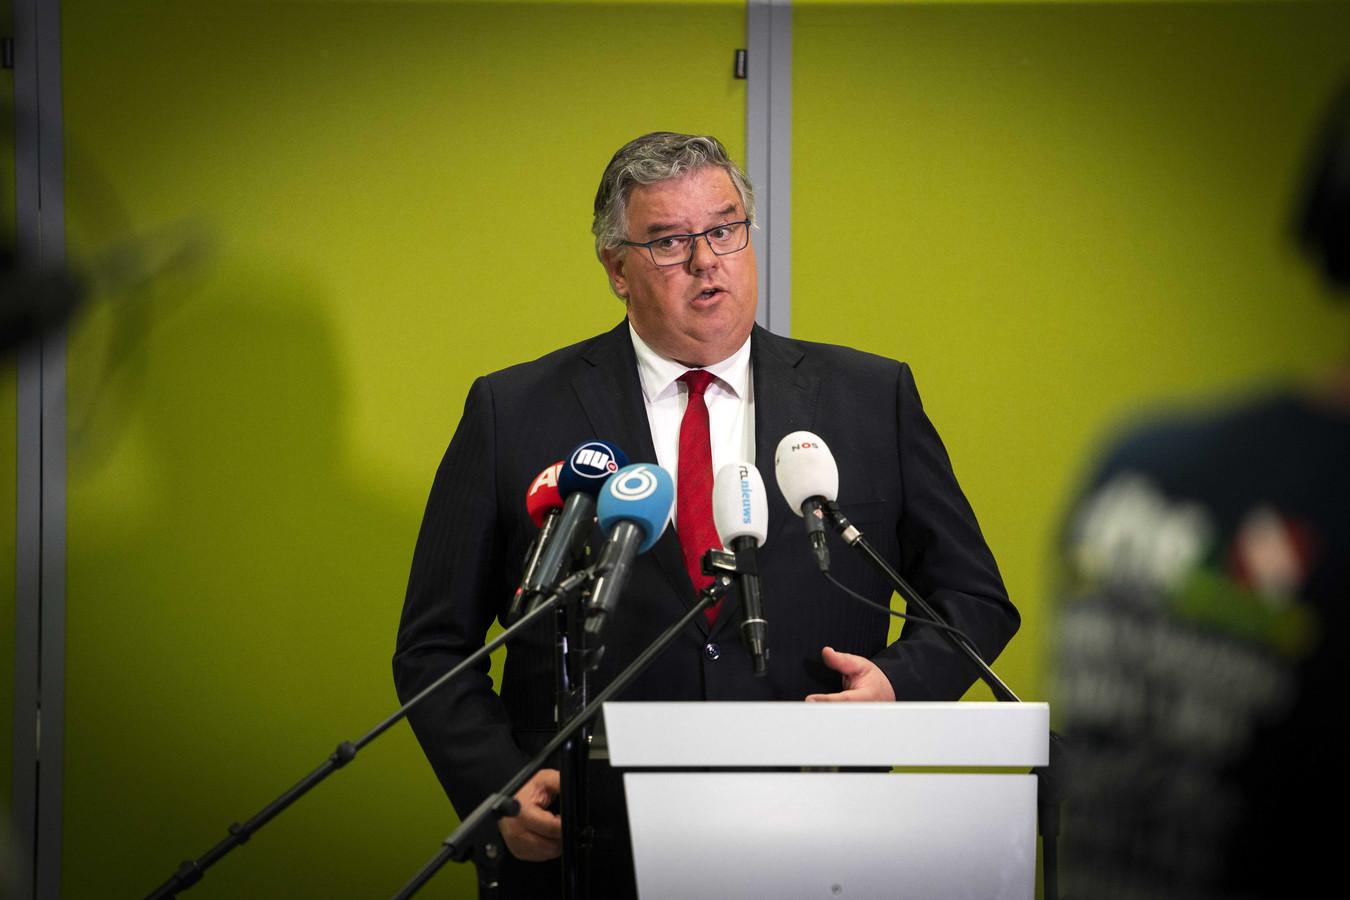 De Nijmeegse burgemeester Hubert Bruls, voorzitter van het Veiligheidsberaad.